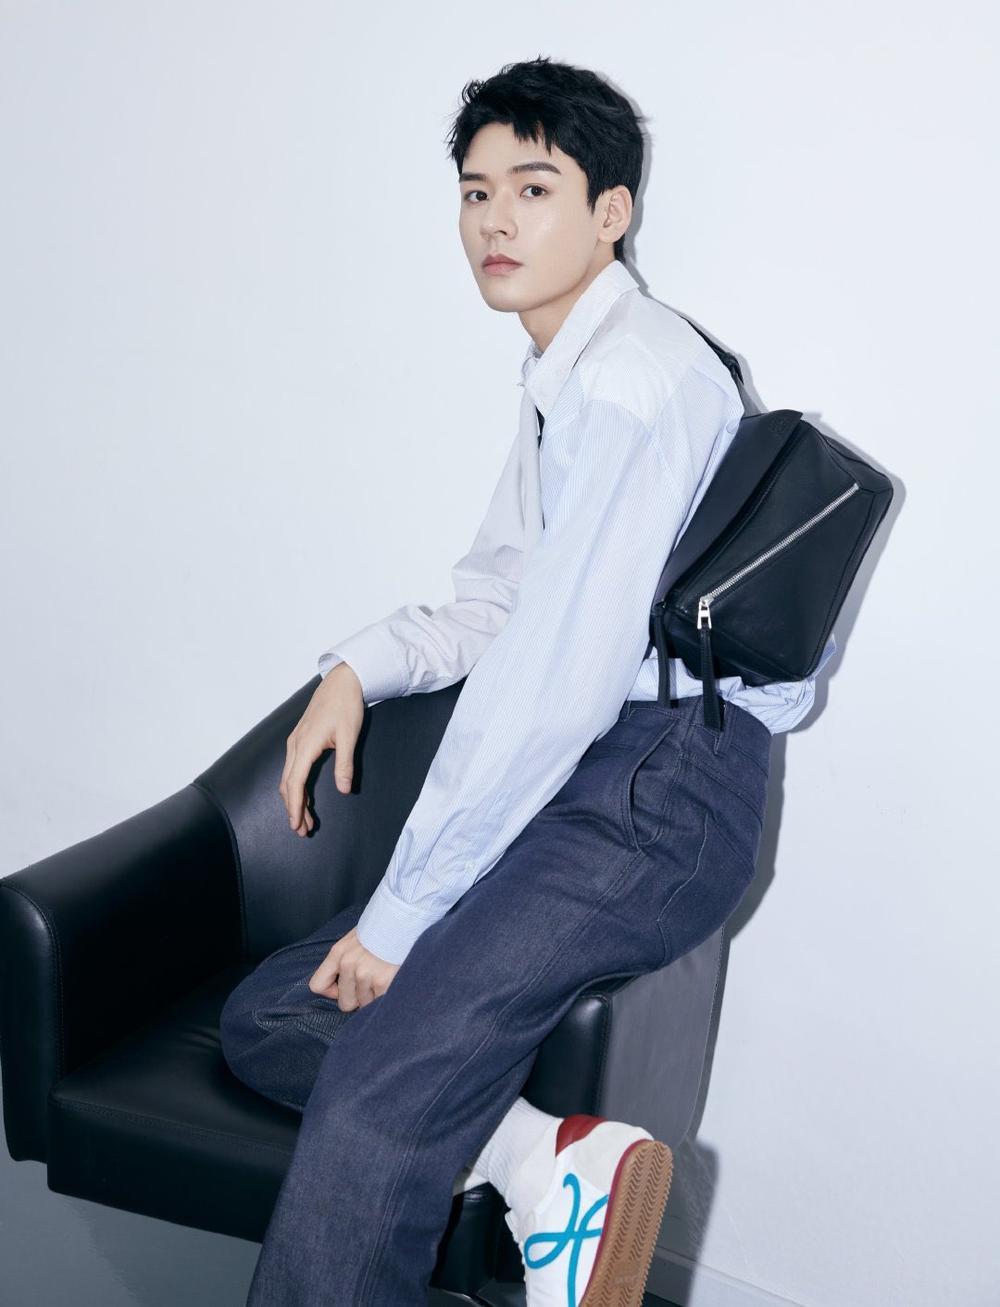 Cung Tuấn nhường suất diễn của mình cho nghệ sĩ khác Ảnh 6